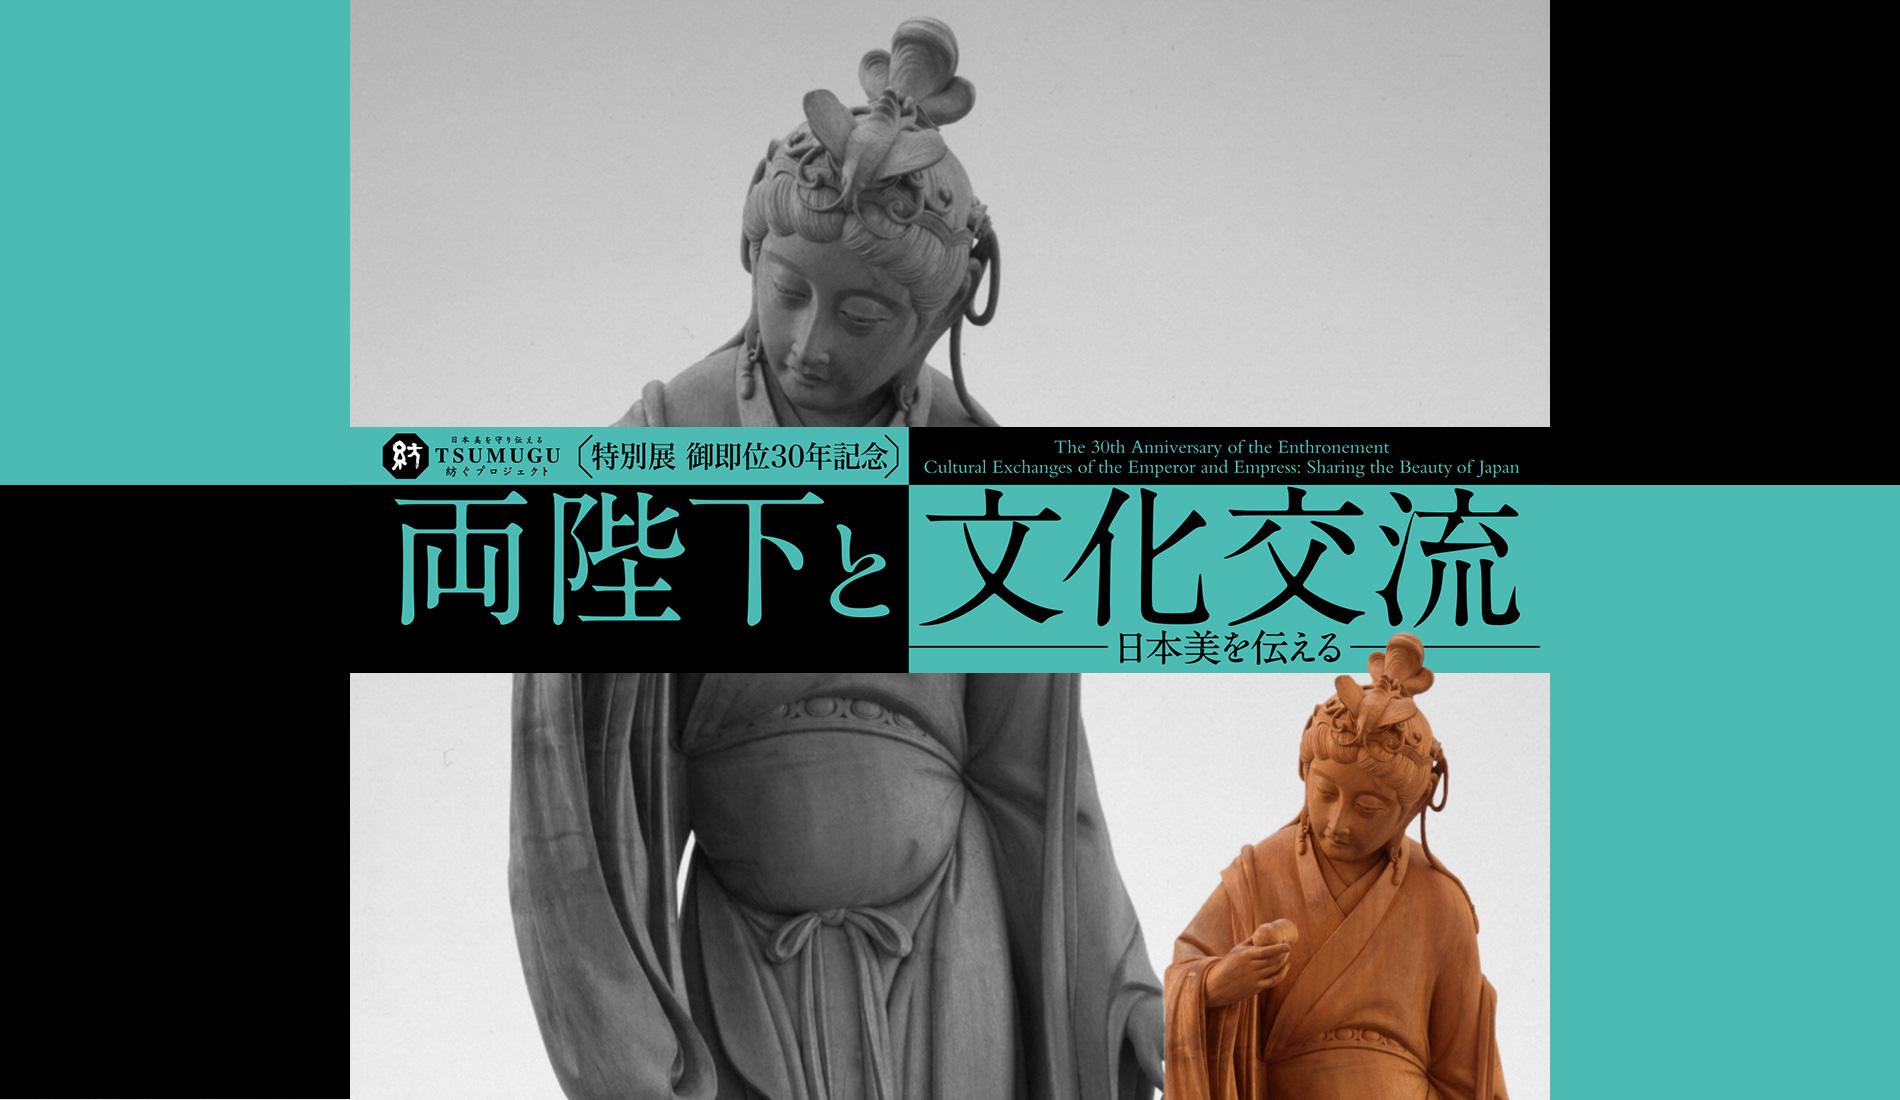 御即位30年記念「両陛下と文化交流―日本美を伝える―」